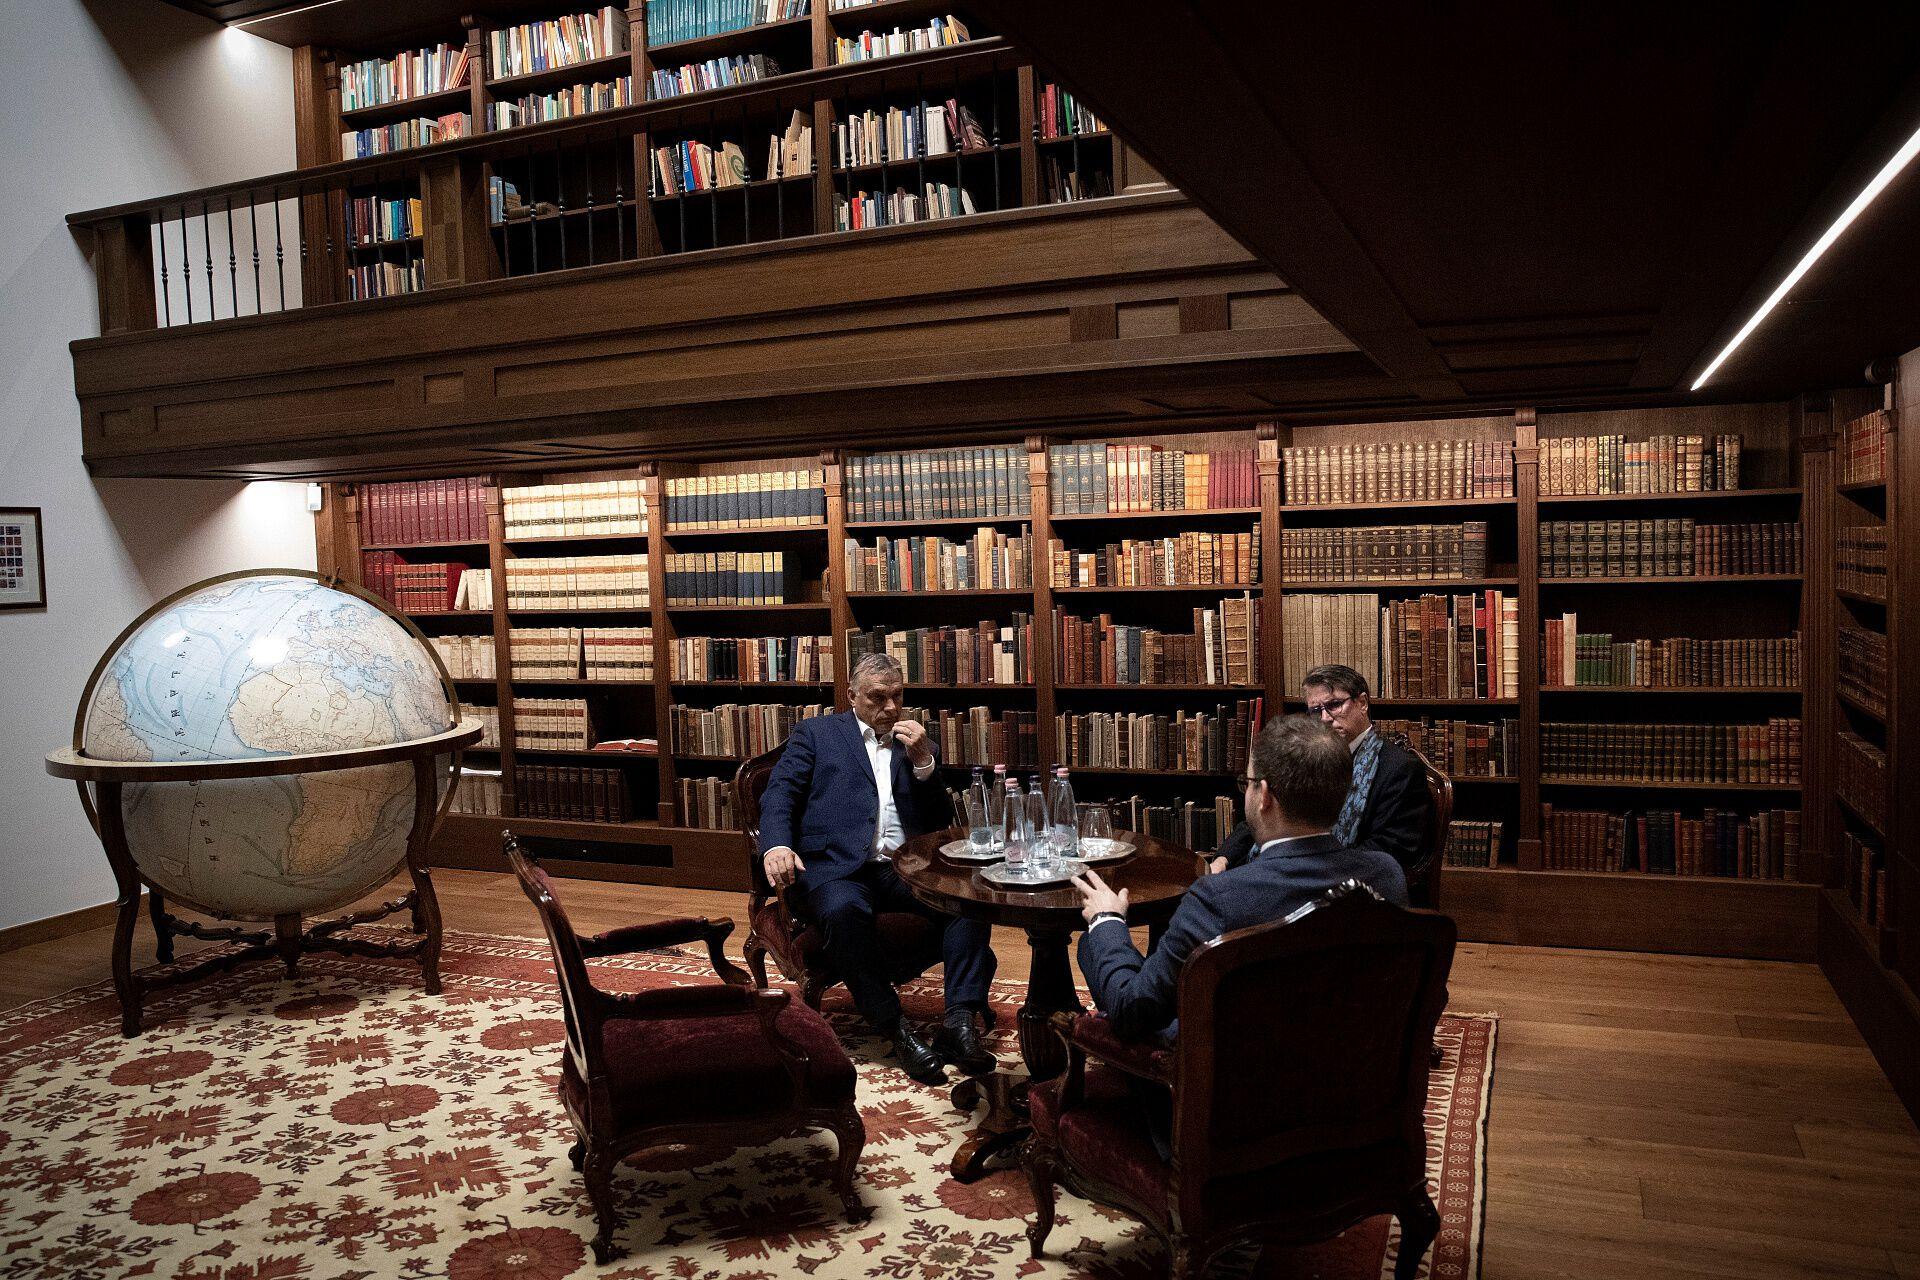 perczel glóbusz széchenyi könyvtár orbán viktor irodája